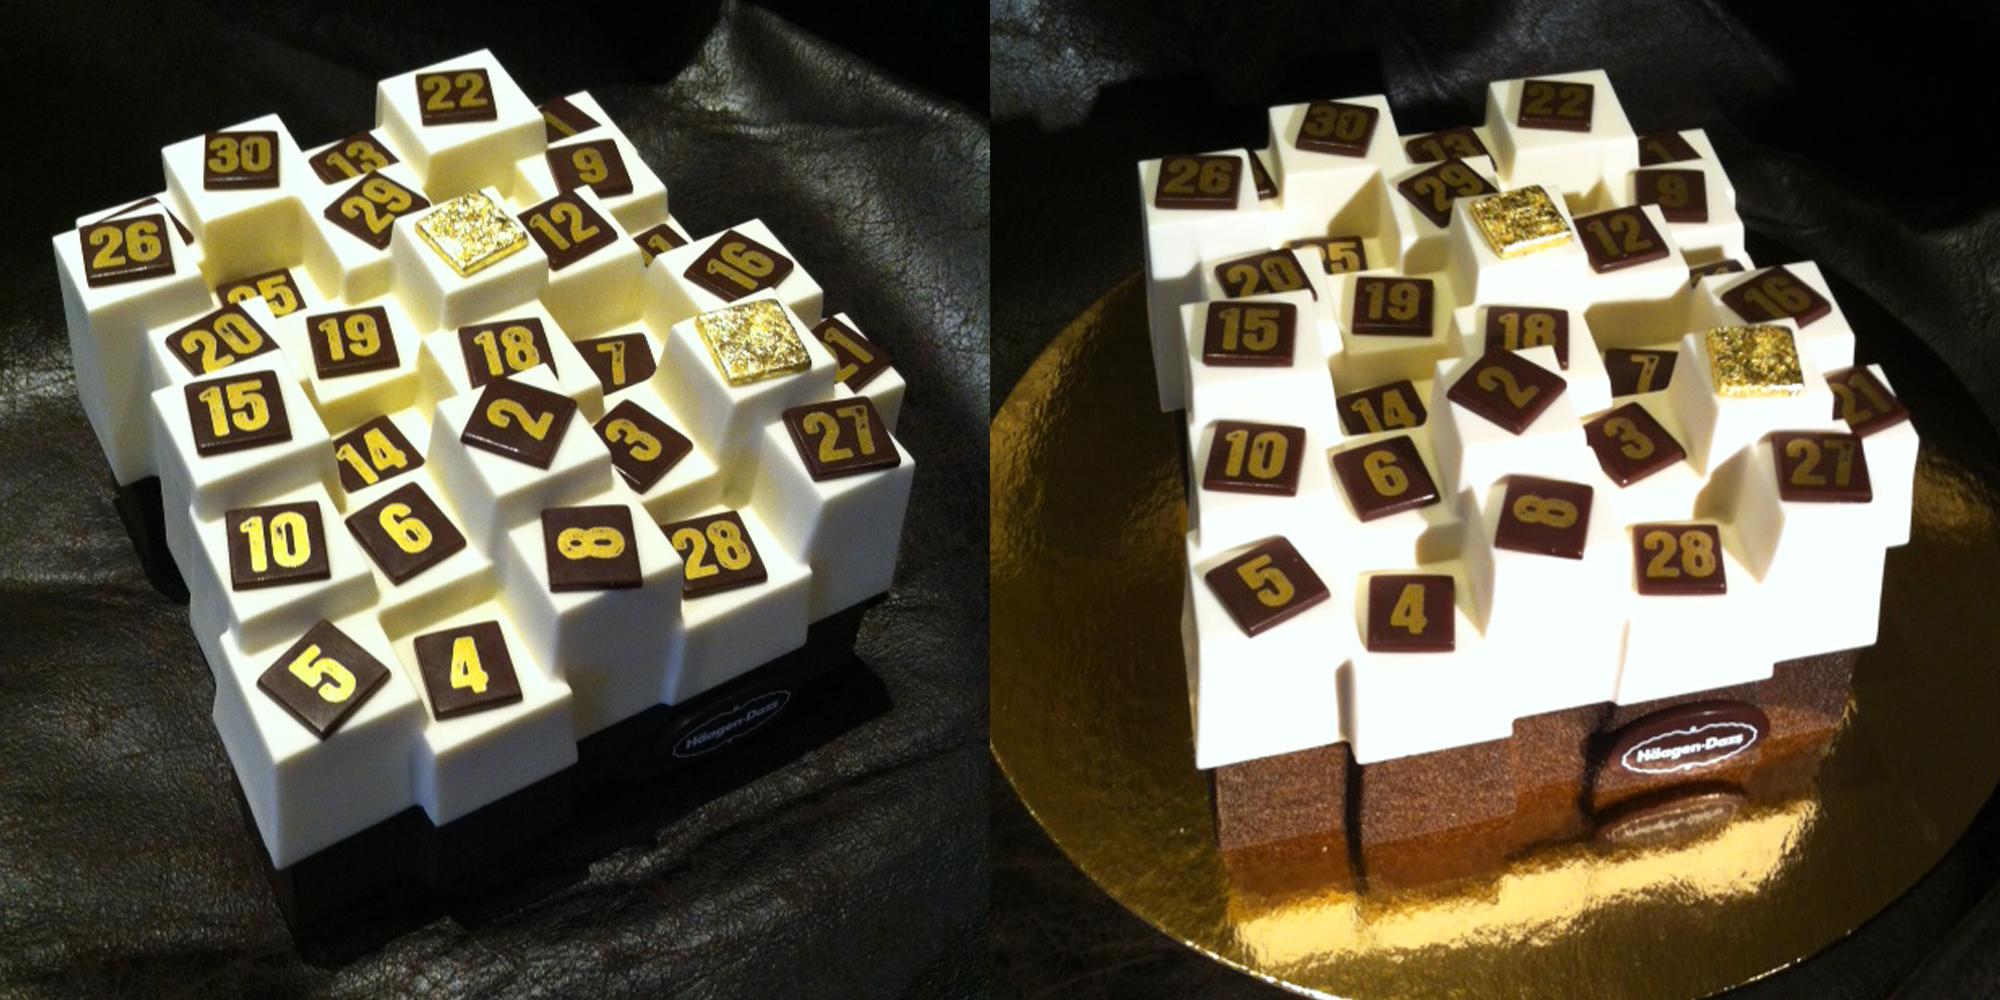 calendrier de l'avent glacé design de chez Haagen-Dazs sculpté en résine par l'Atelier Cobalt Fx